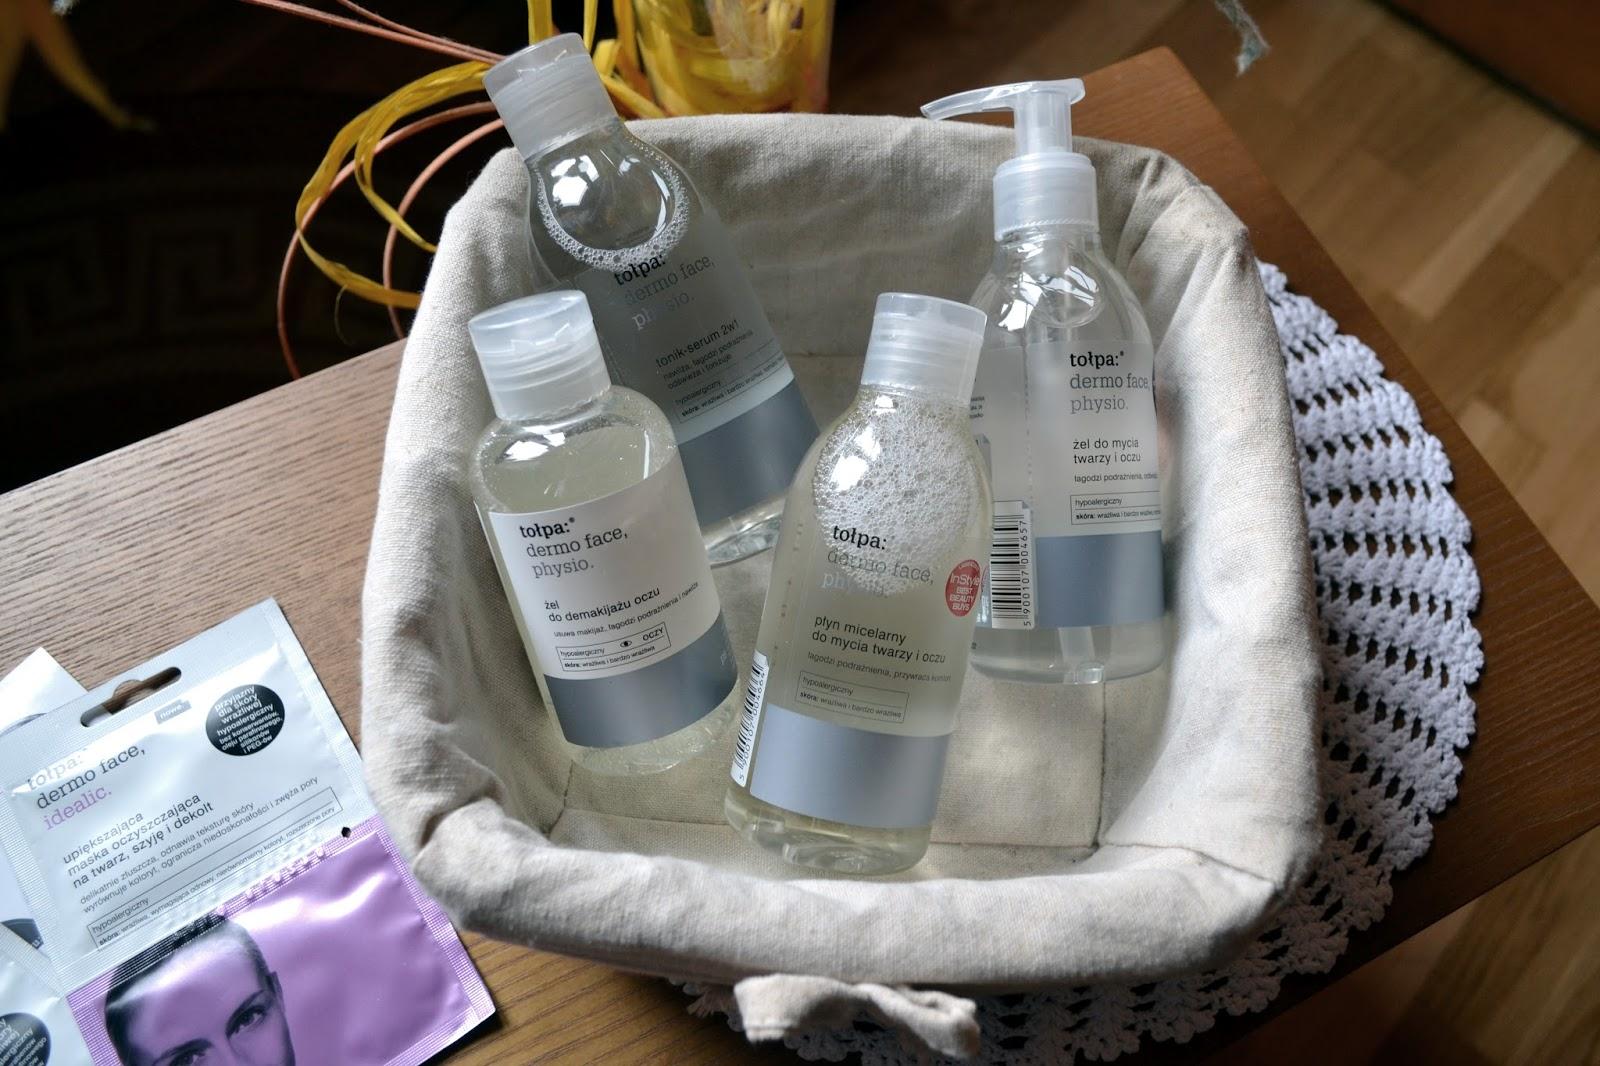 Produkty do pielęgnacji twarzy od Tołpa, z serii Dermo Face, Physio